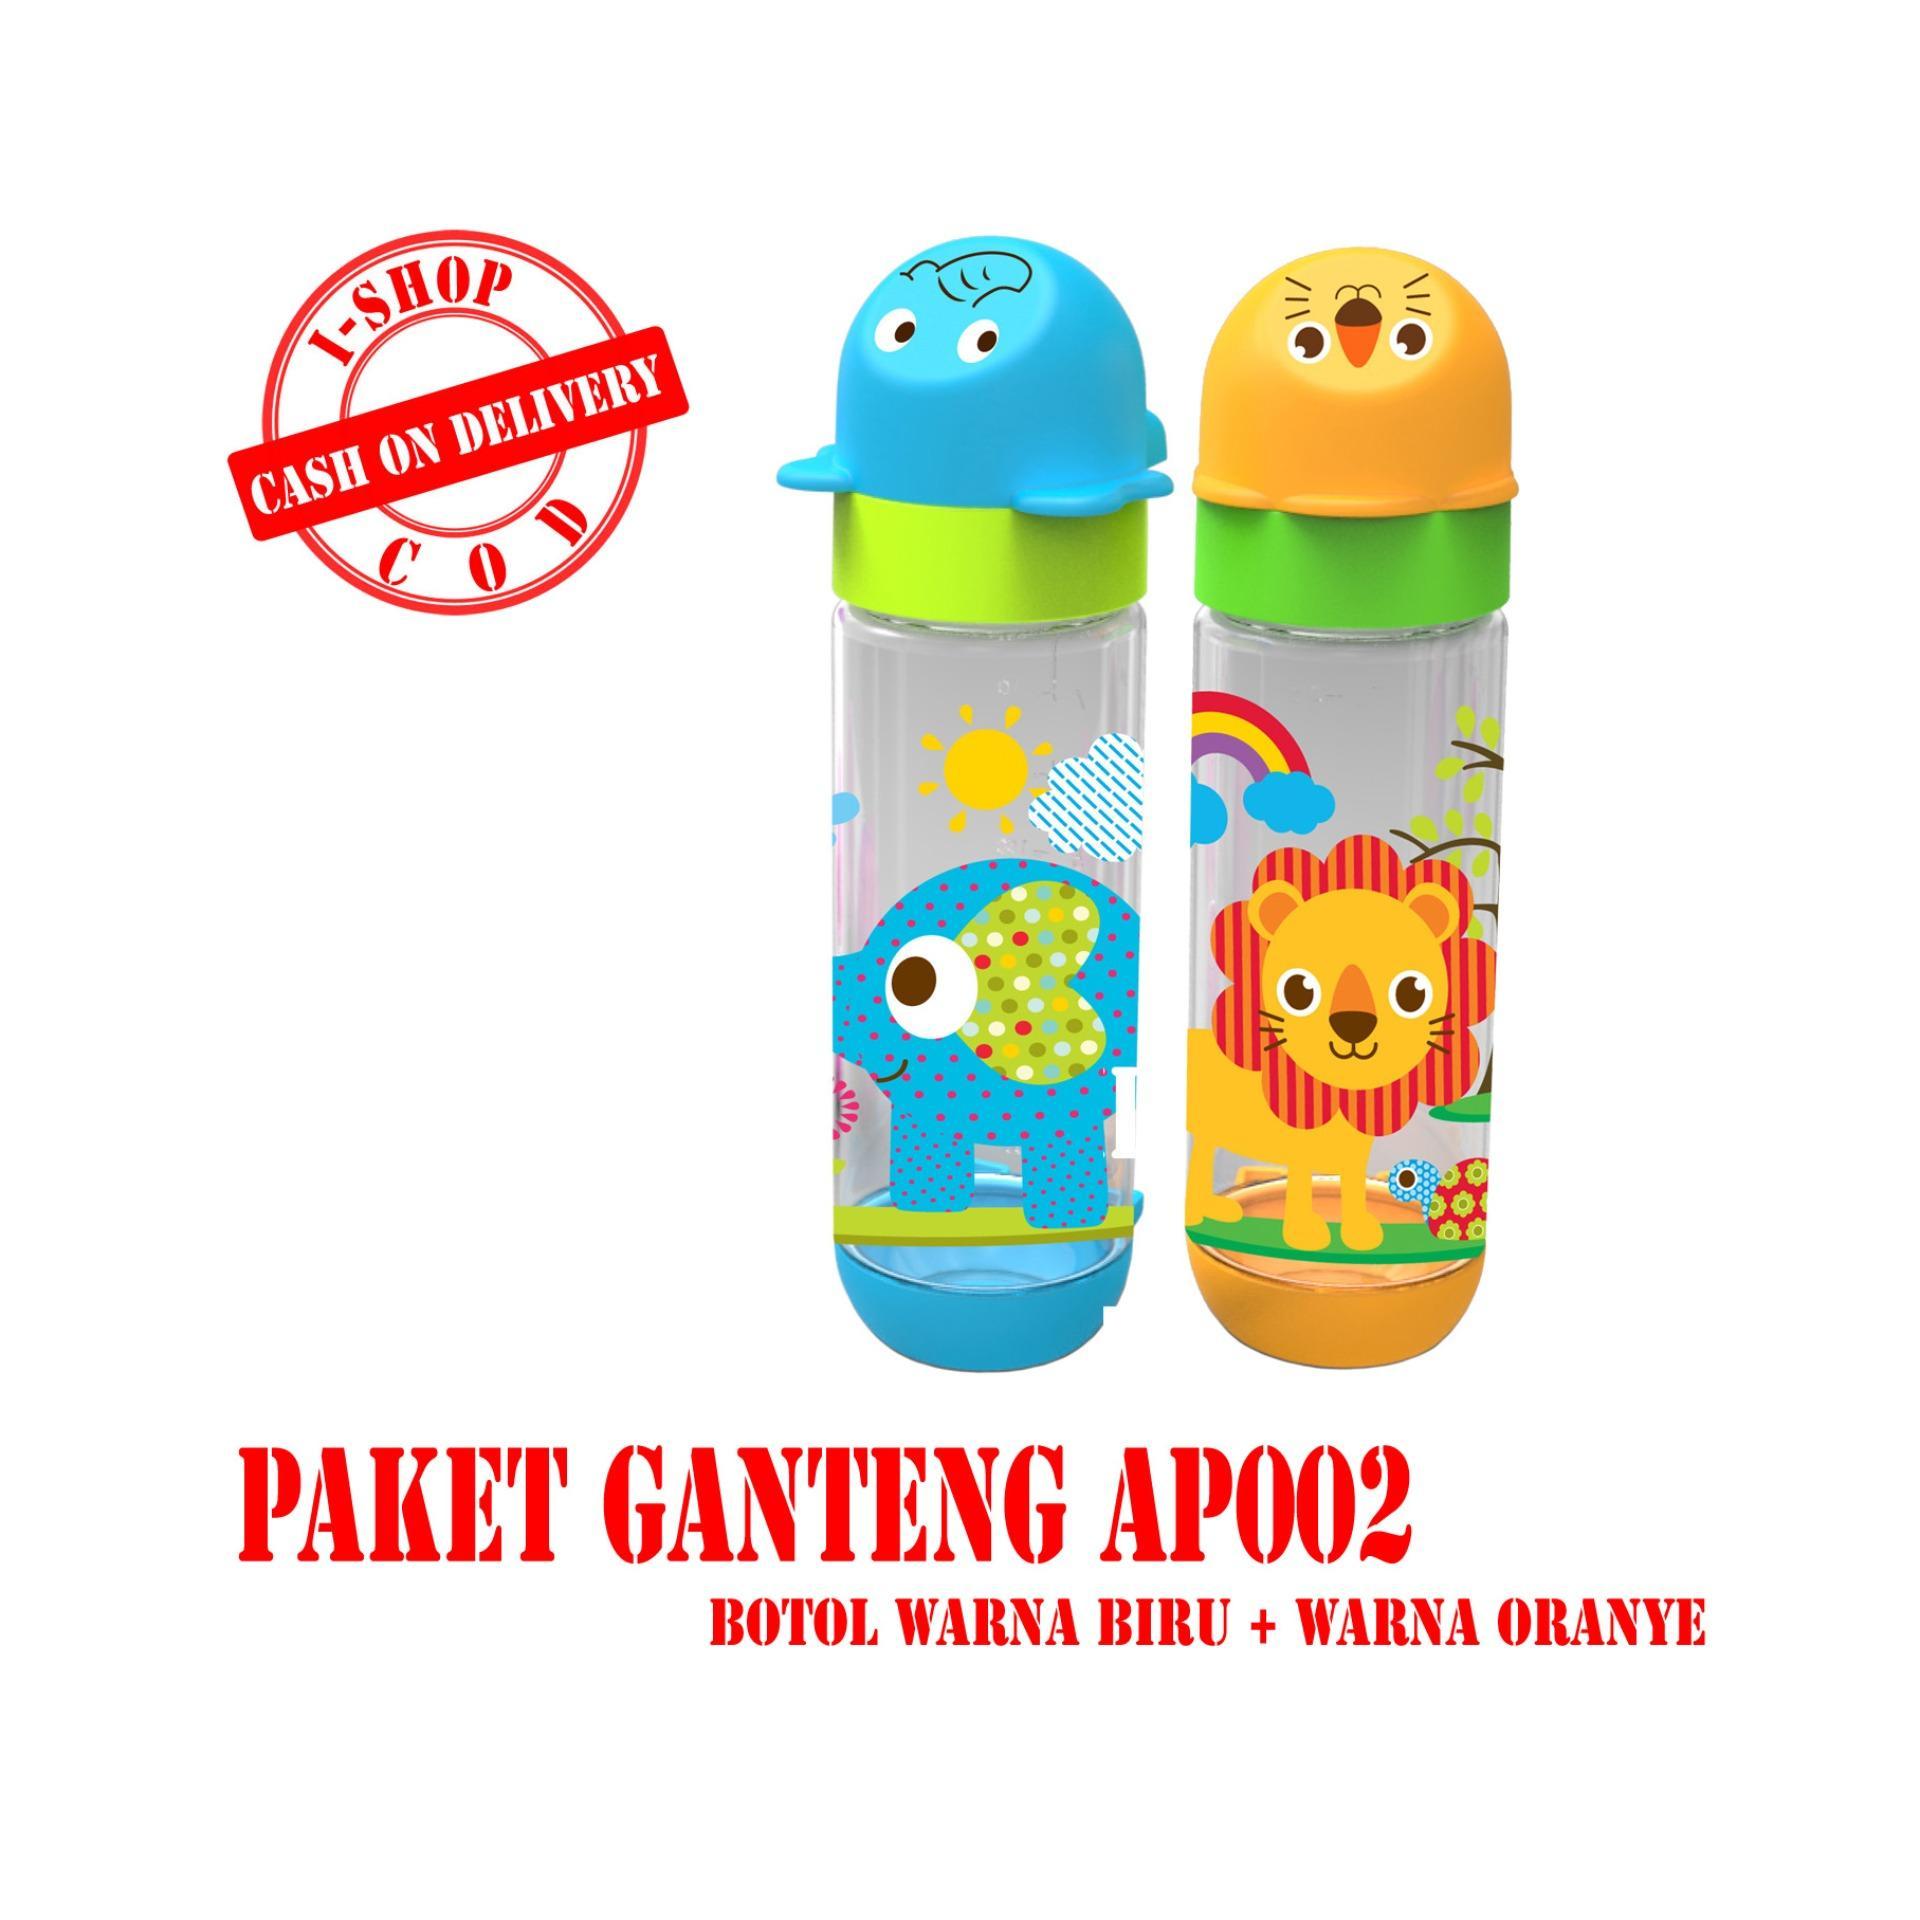 Baby Safe Feeding Bottle Bpa Free Biru 250 Ml Ap002 Botol Susu Bayi Lustybunny Pp 125 Db 1202 Cokelat Muda Discount I Shop Paket Ganteng